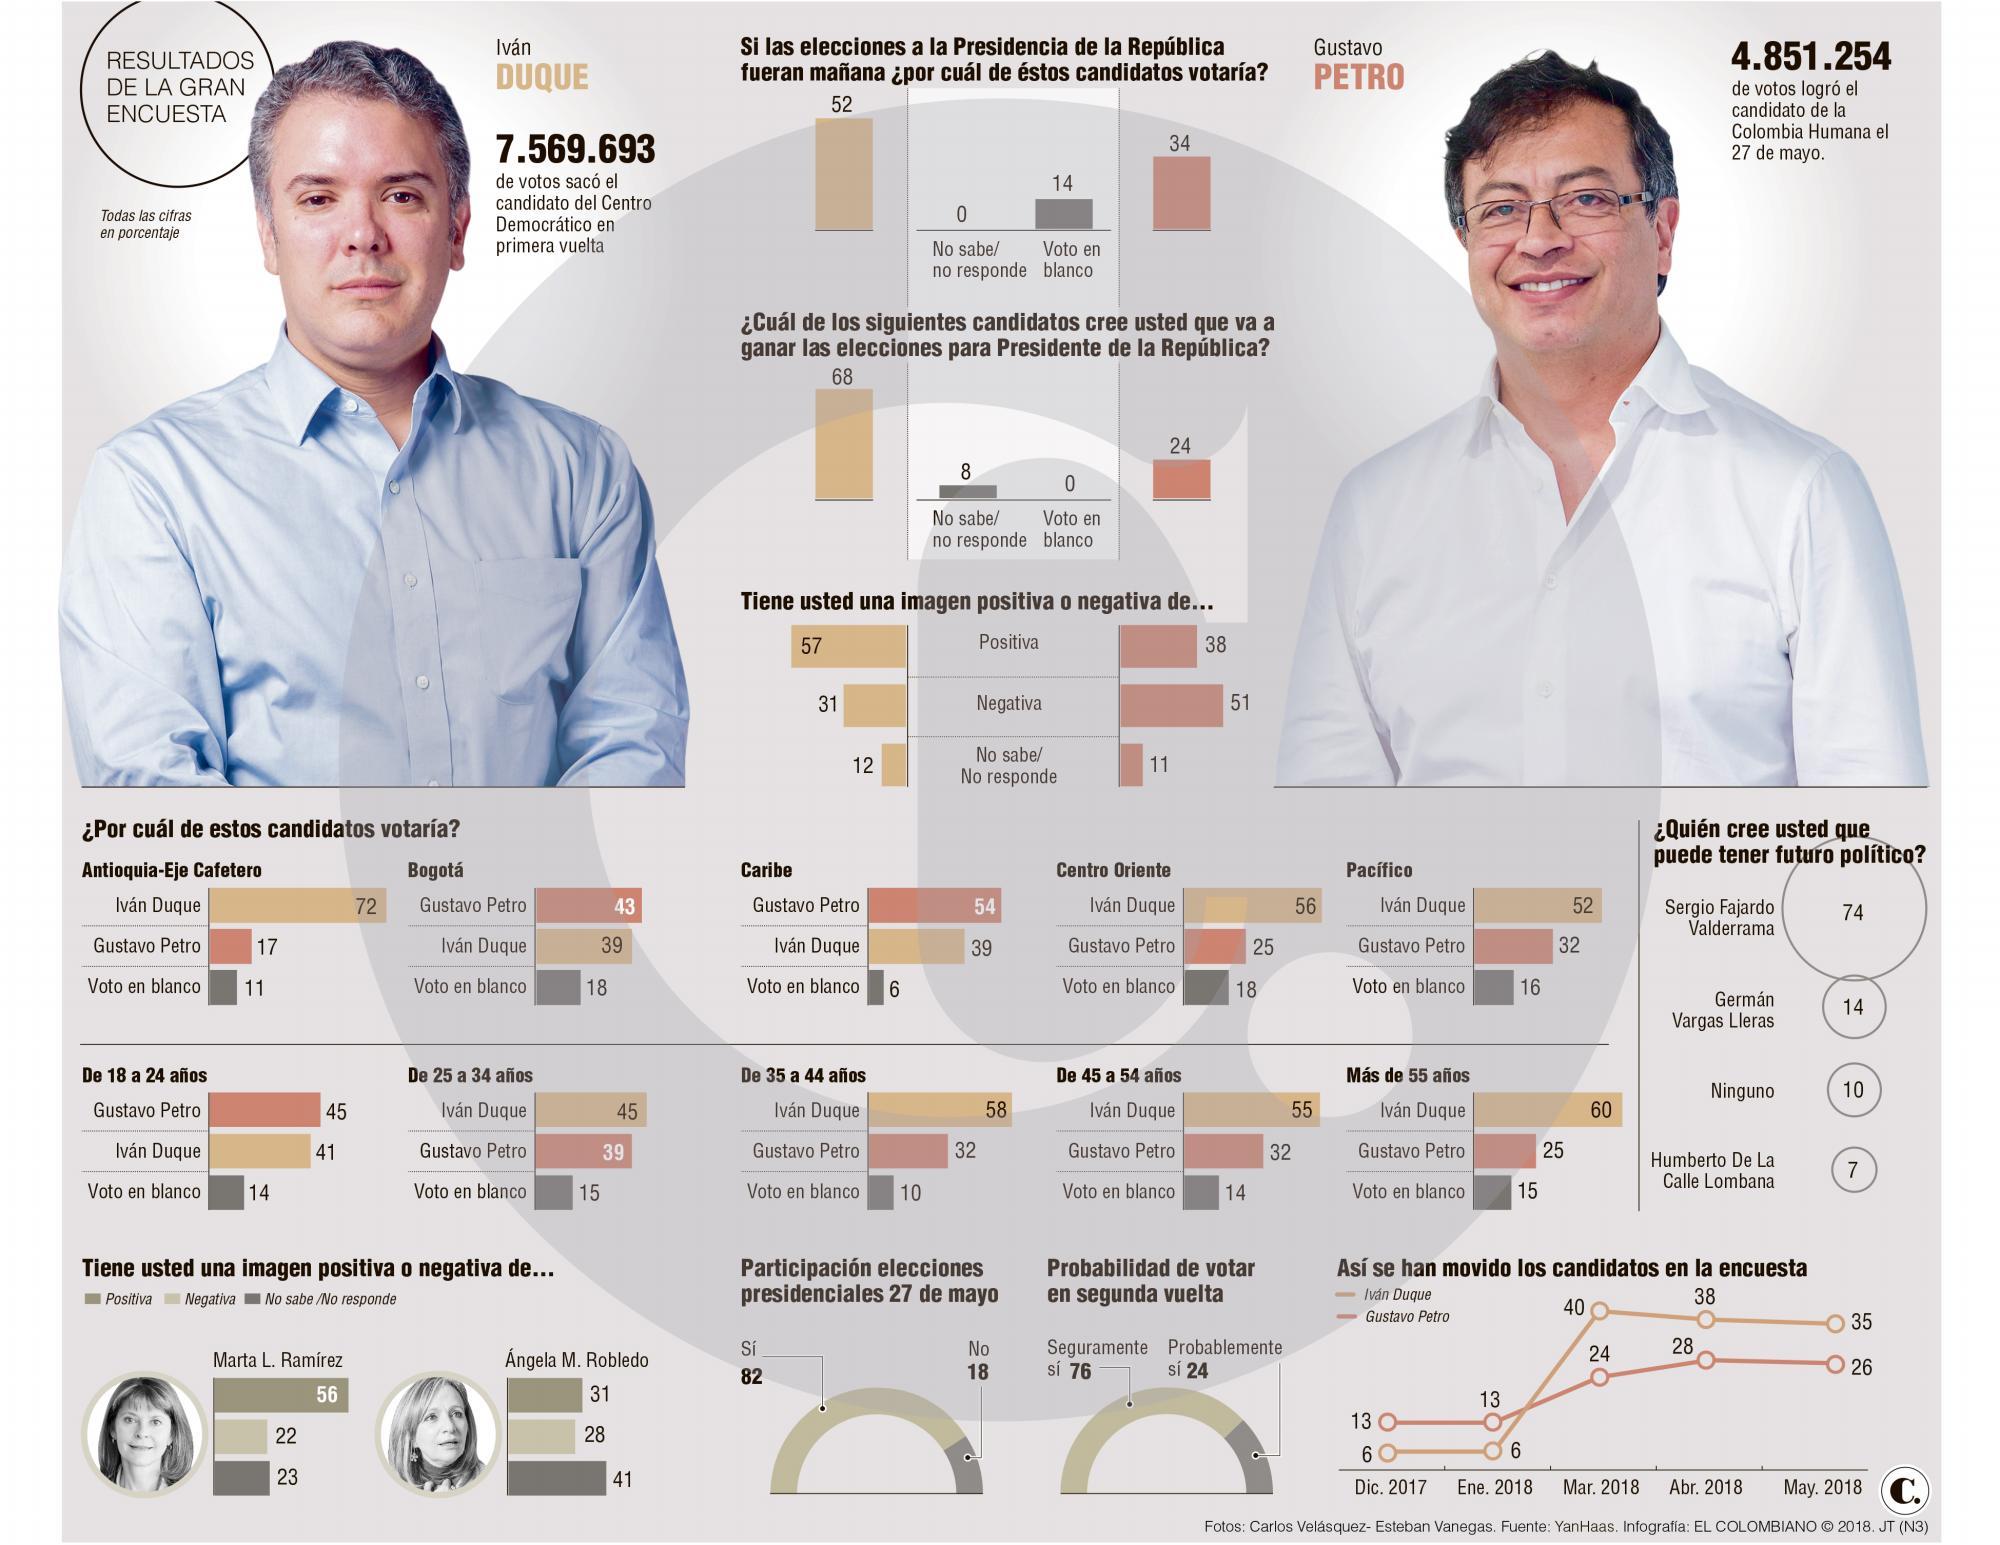 Duque supera a Petro en 18 %, voto en blanco crece